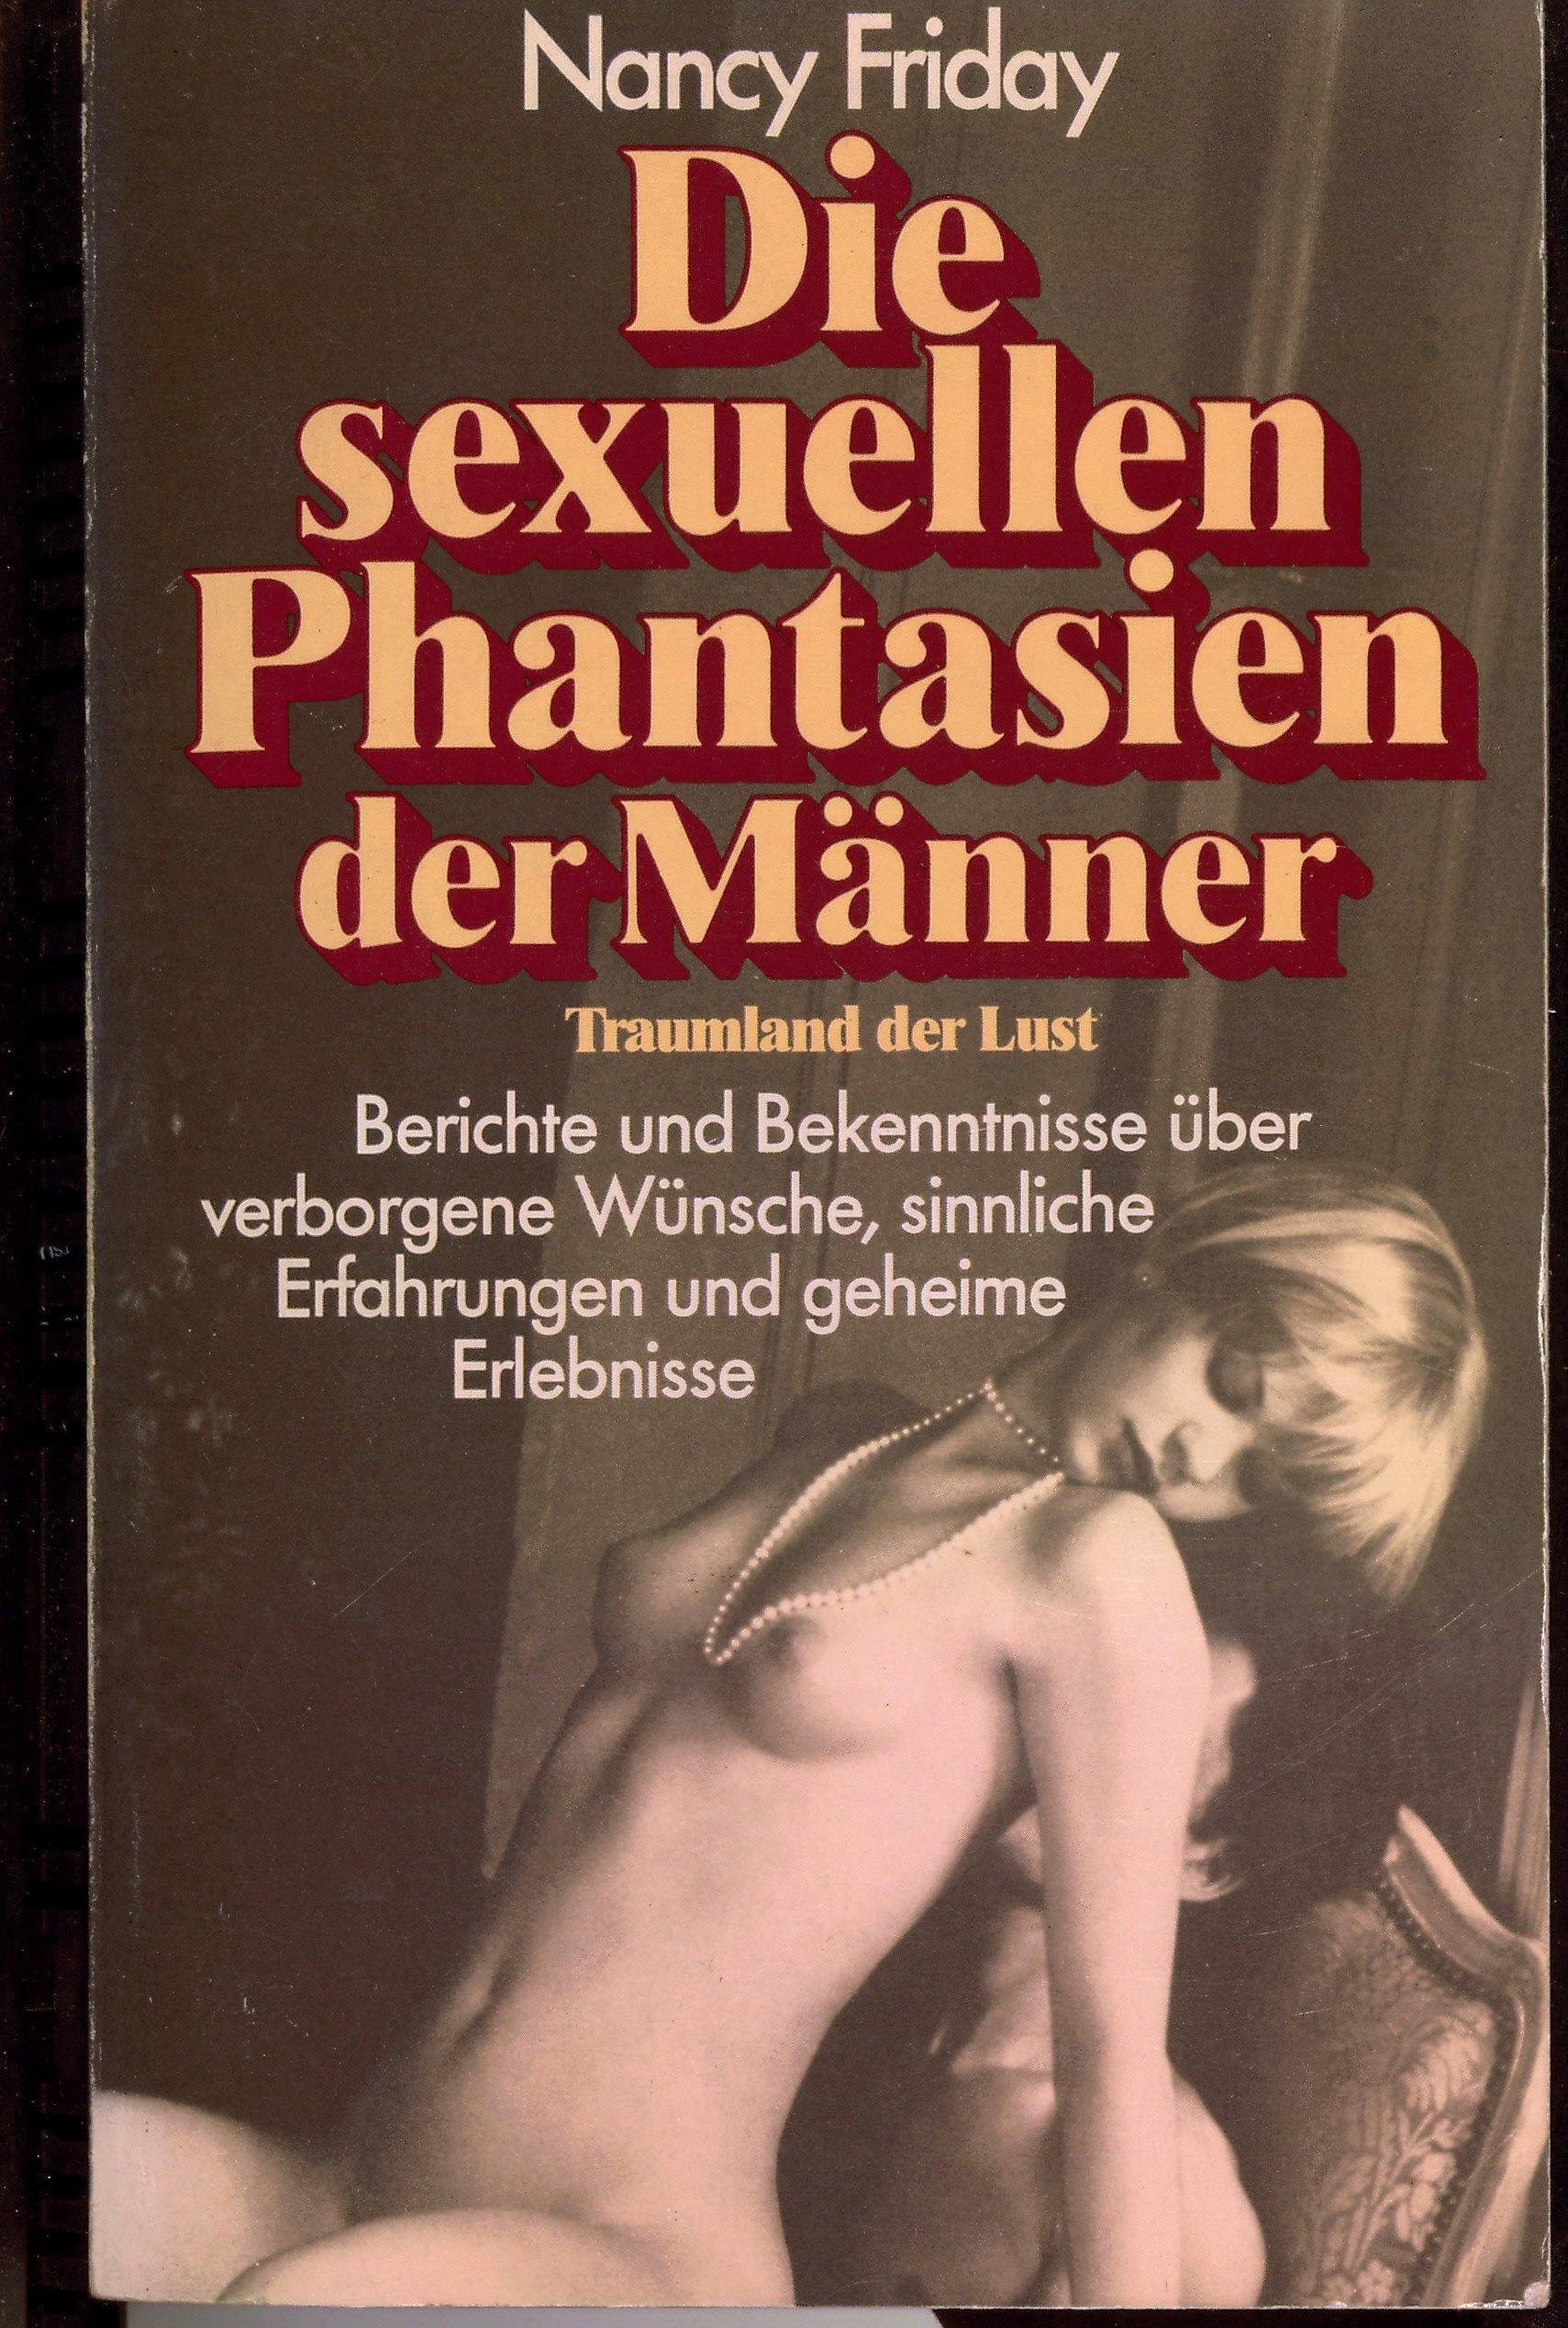 Traumland der Lust. Berichte und Bekenntnisse über die verborgenen Wünsche und die sexuellen Phantasien der Männer